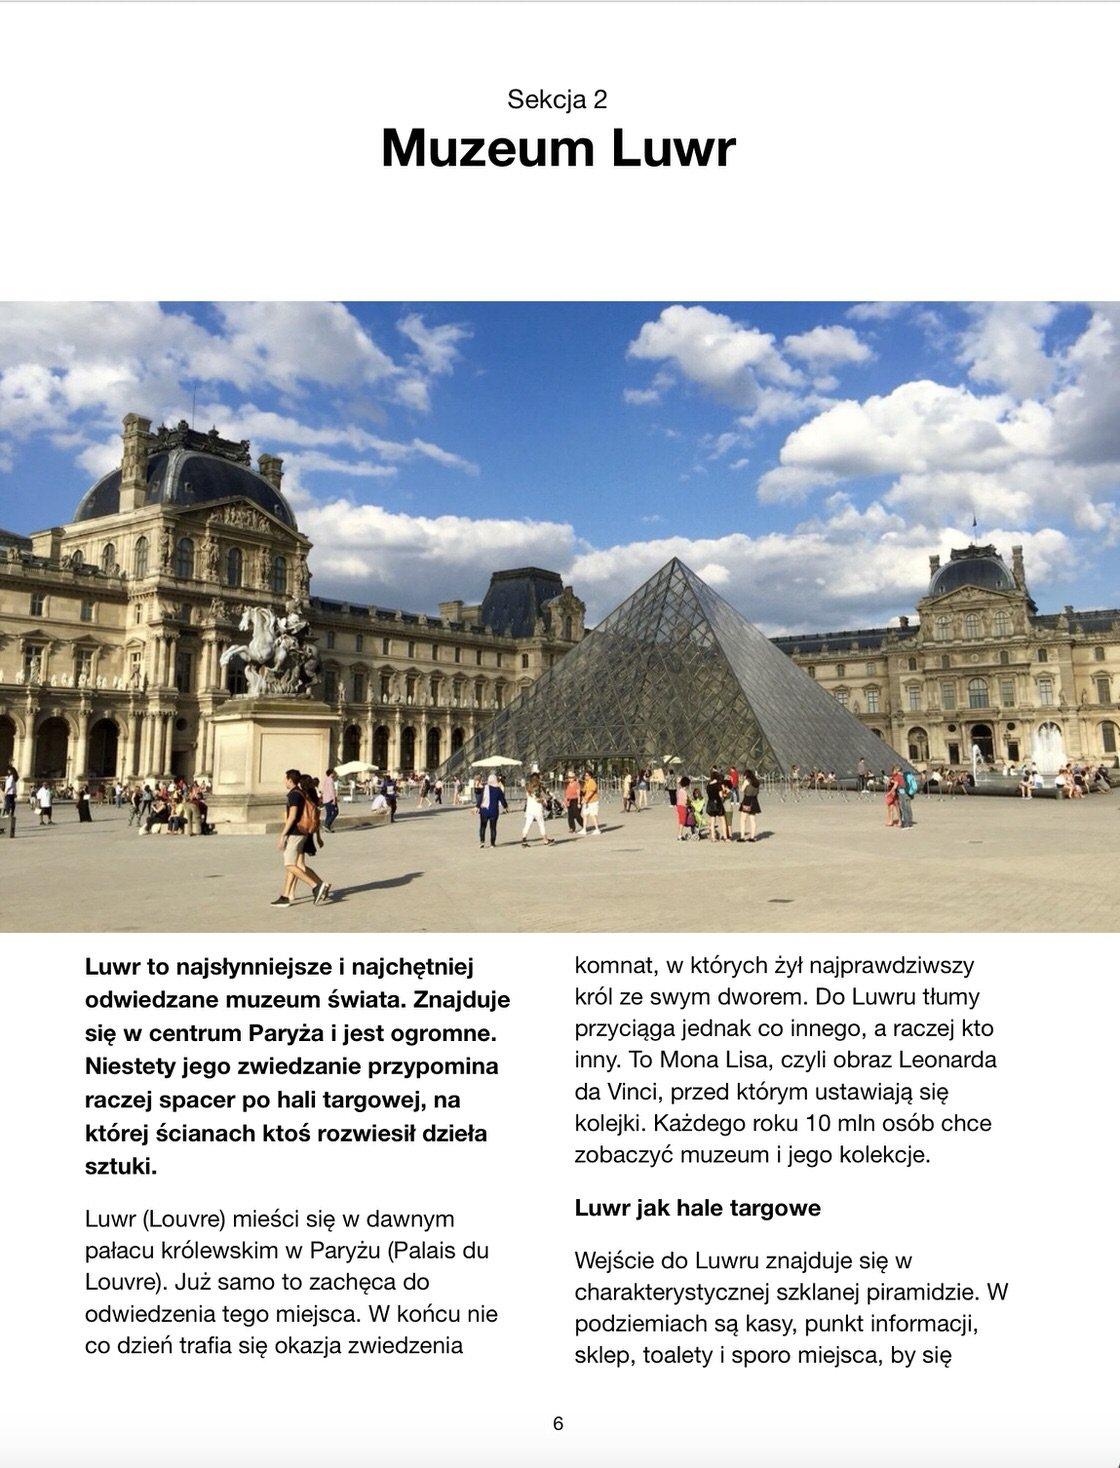 Przewodnik po Paryżu - ebook na iPad, iPhone oraz w PDF na dowolne urządzenie i do wydruku